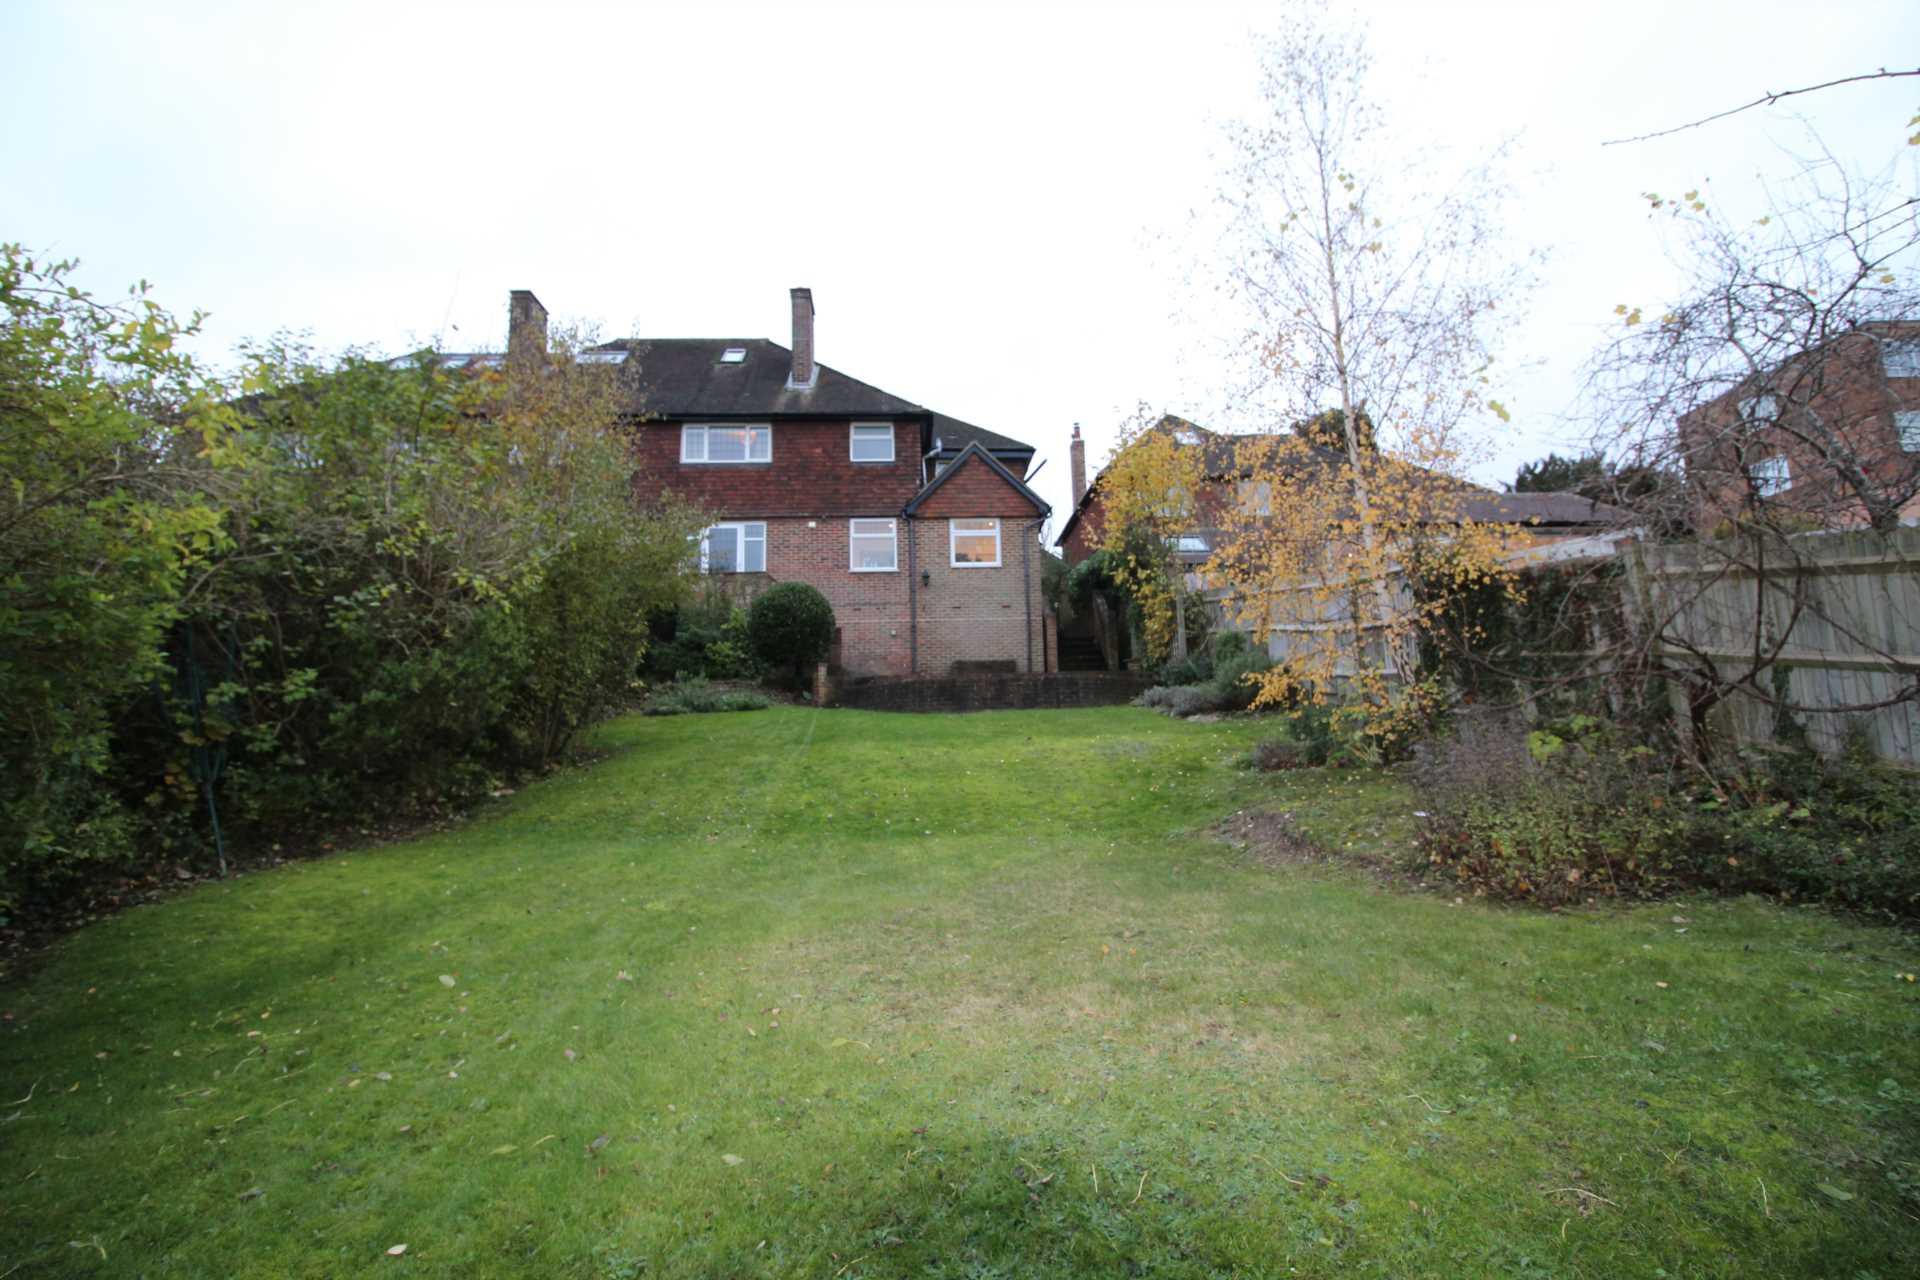 Room 1, Pewley Way, Guildford, GU1 3PX, Image 10